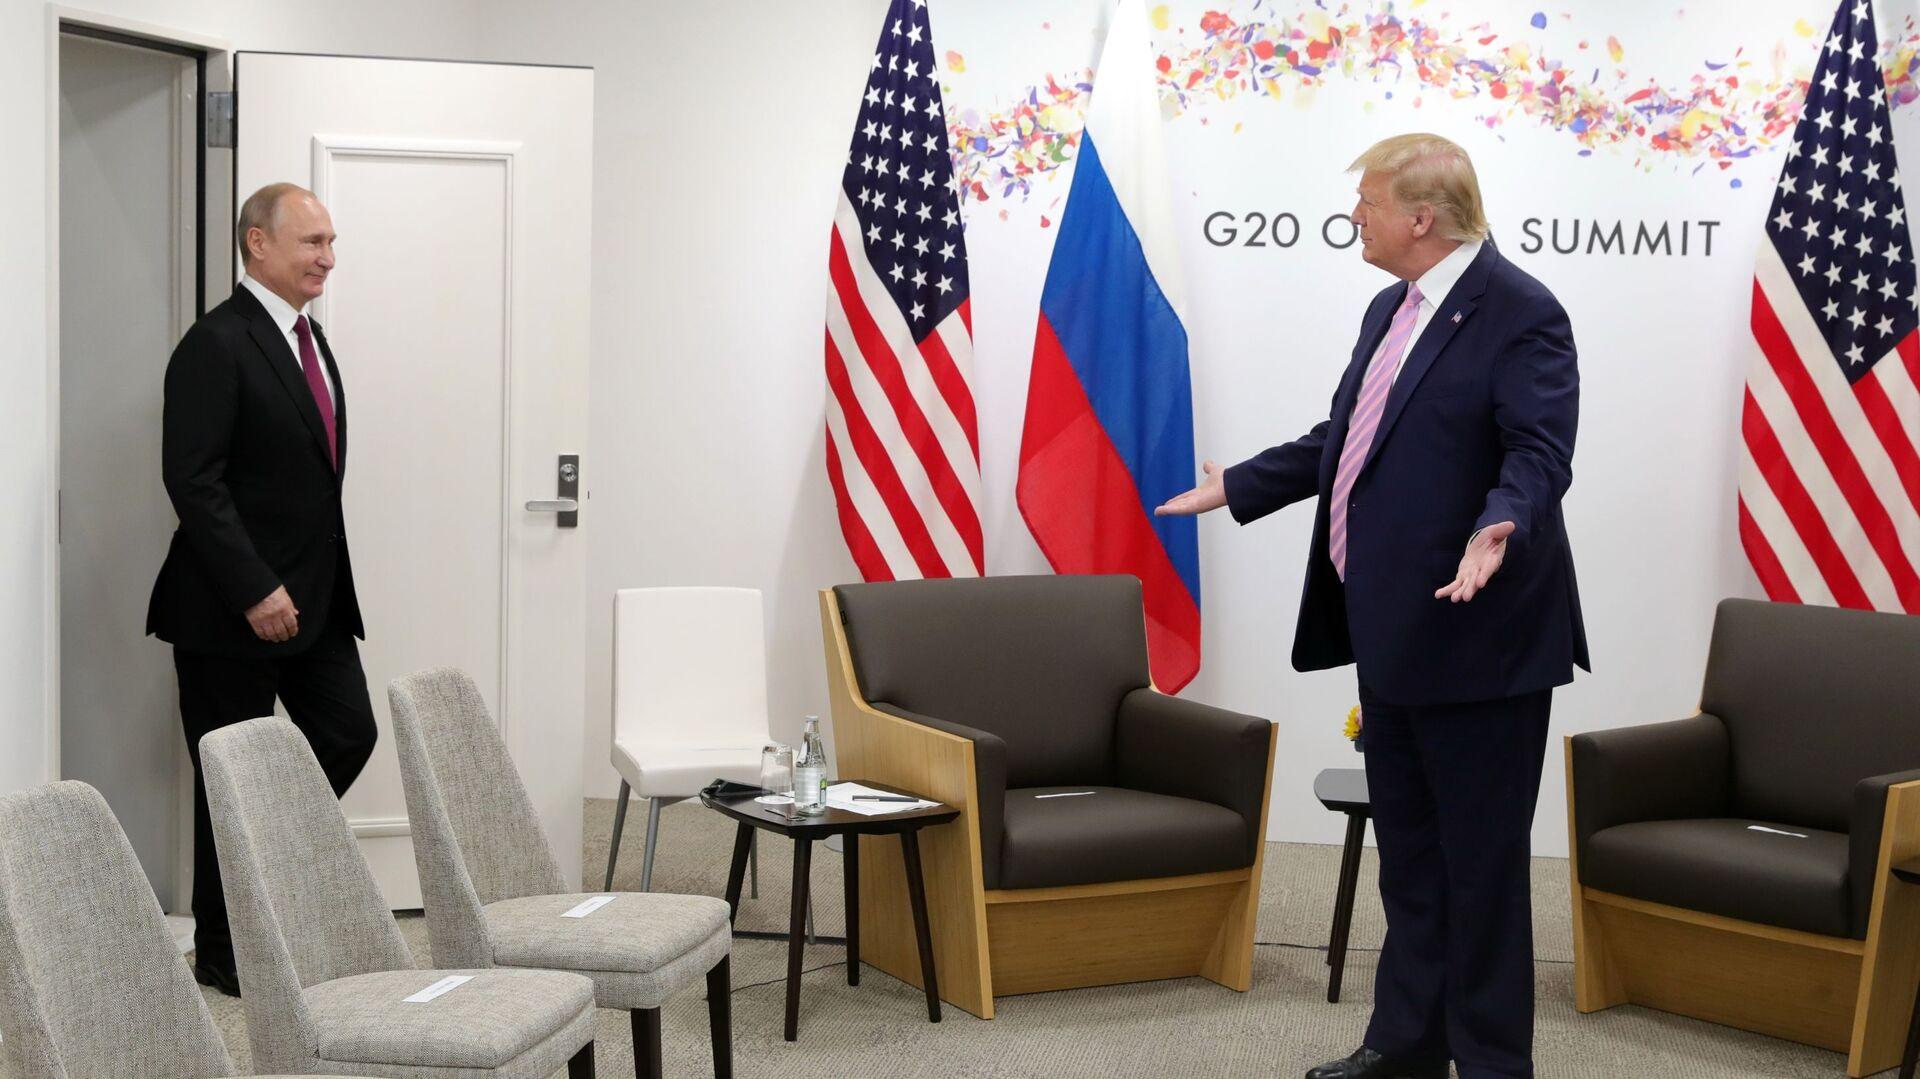 Президент США Дональд Трамп (справа) жестикулирует, когда президент России Владимир Путин прибывает на переговоры во время двусторонней встречи на полях саммита G-20 - Sputnik Таджикистан, 1920, 28.09.2021